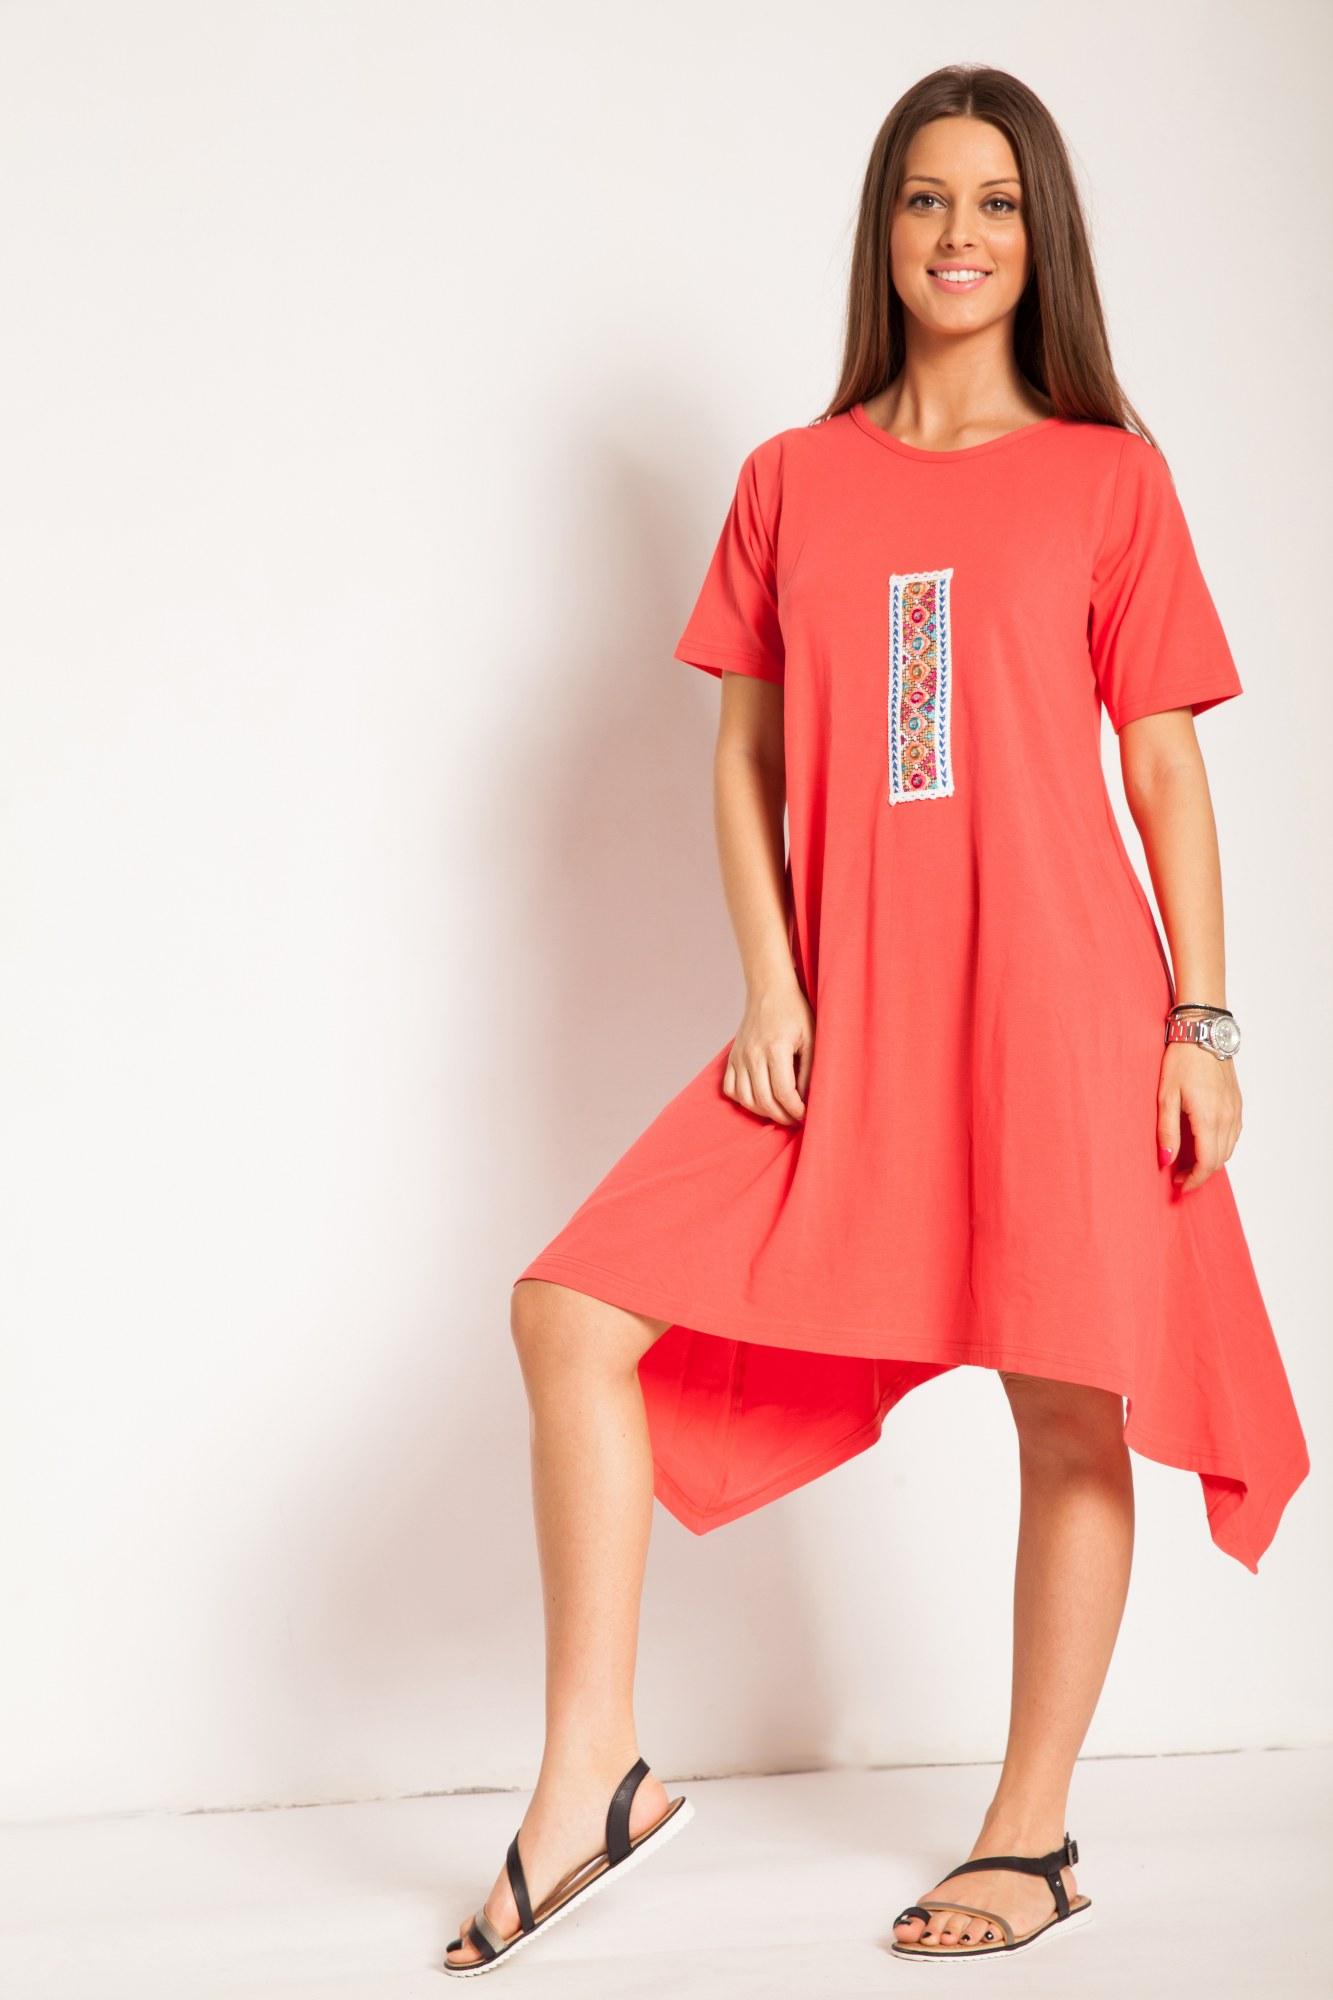 Rochie corai bumbac cu aplicatie colorata